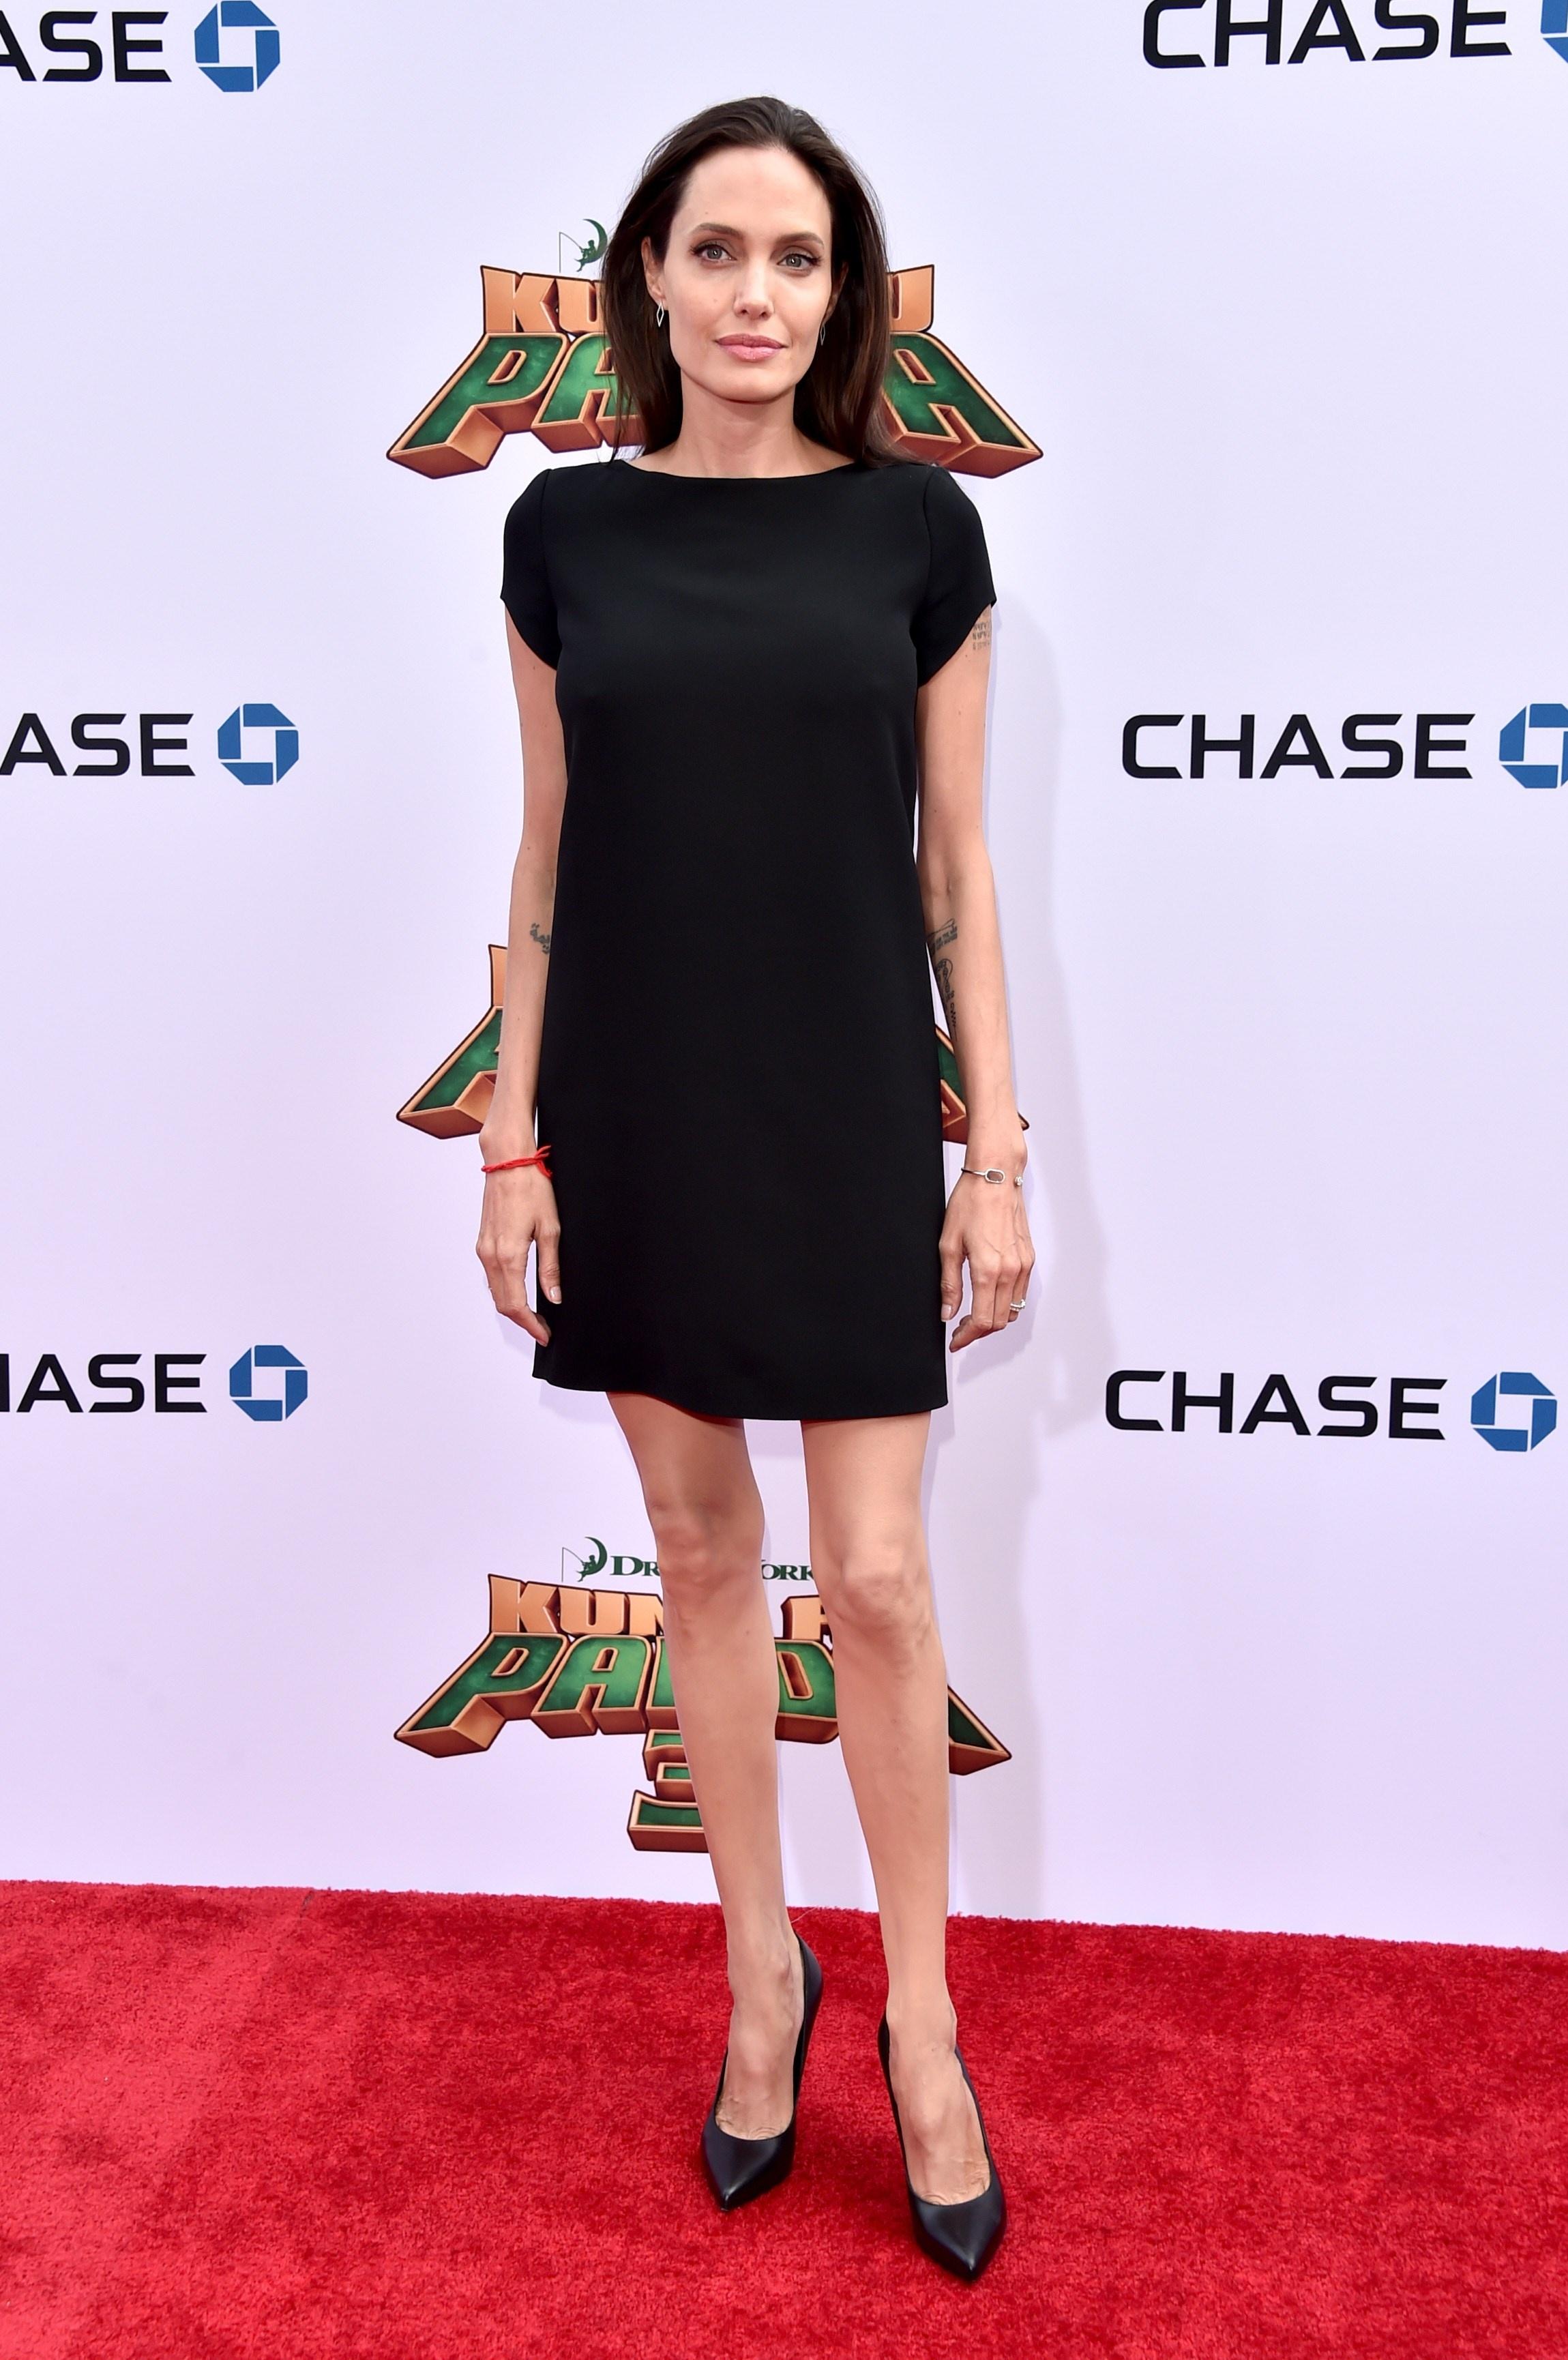 Анджелина Джоли шокировала костлявыми ногами - Звездные ... анджелина джоли сейчас